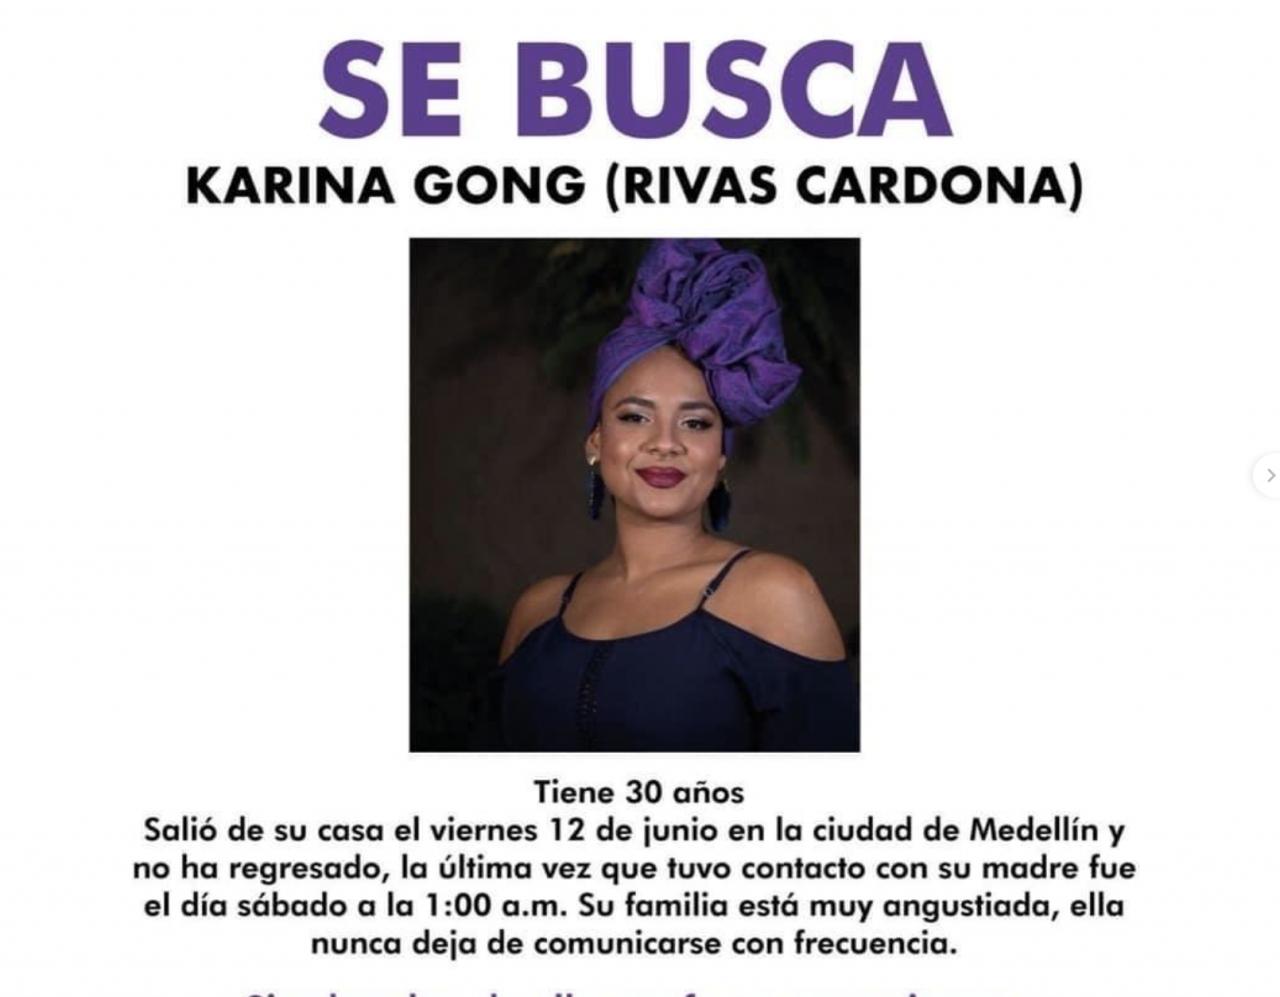 Los feminicidios, la pandemia del machismo que se ha llevado 90 vidas esta cuarentena en Colombia